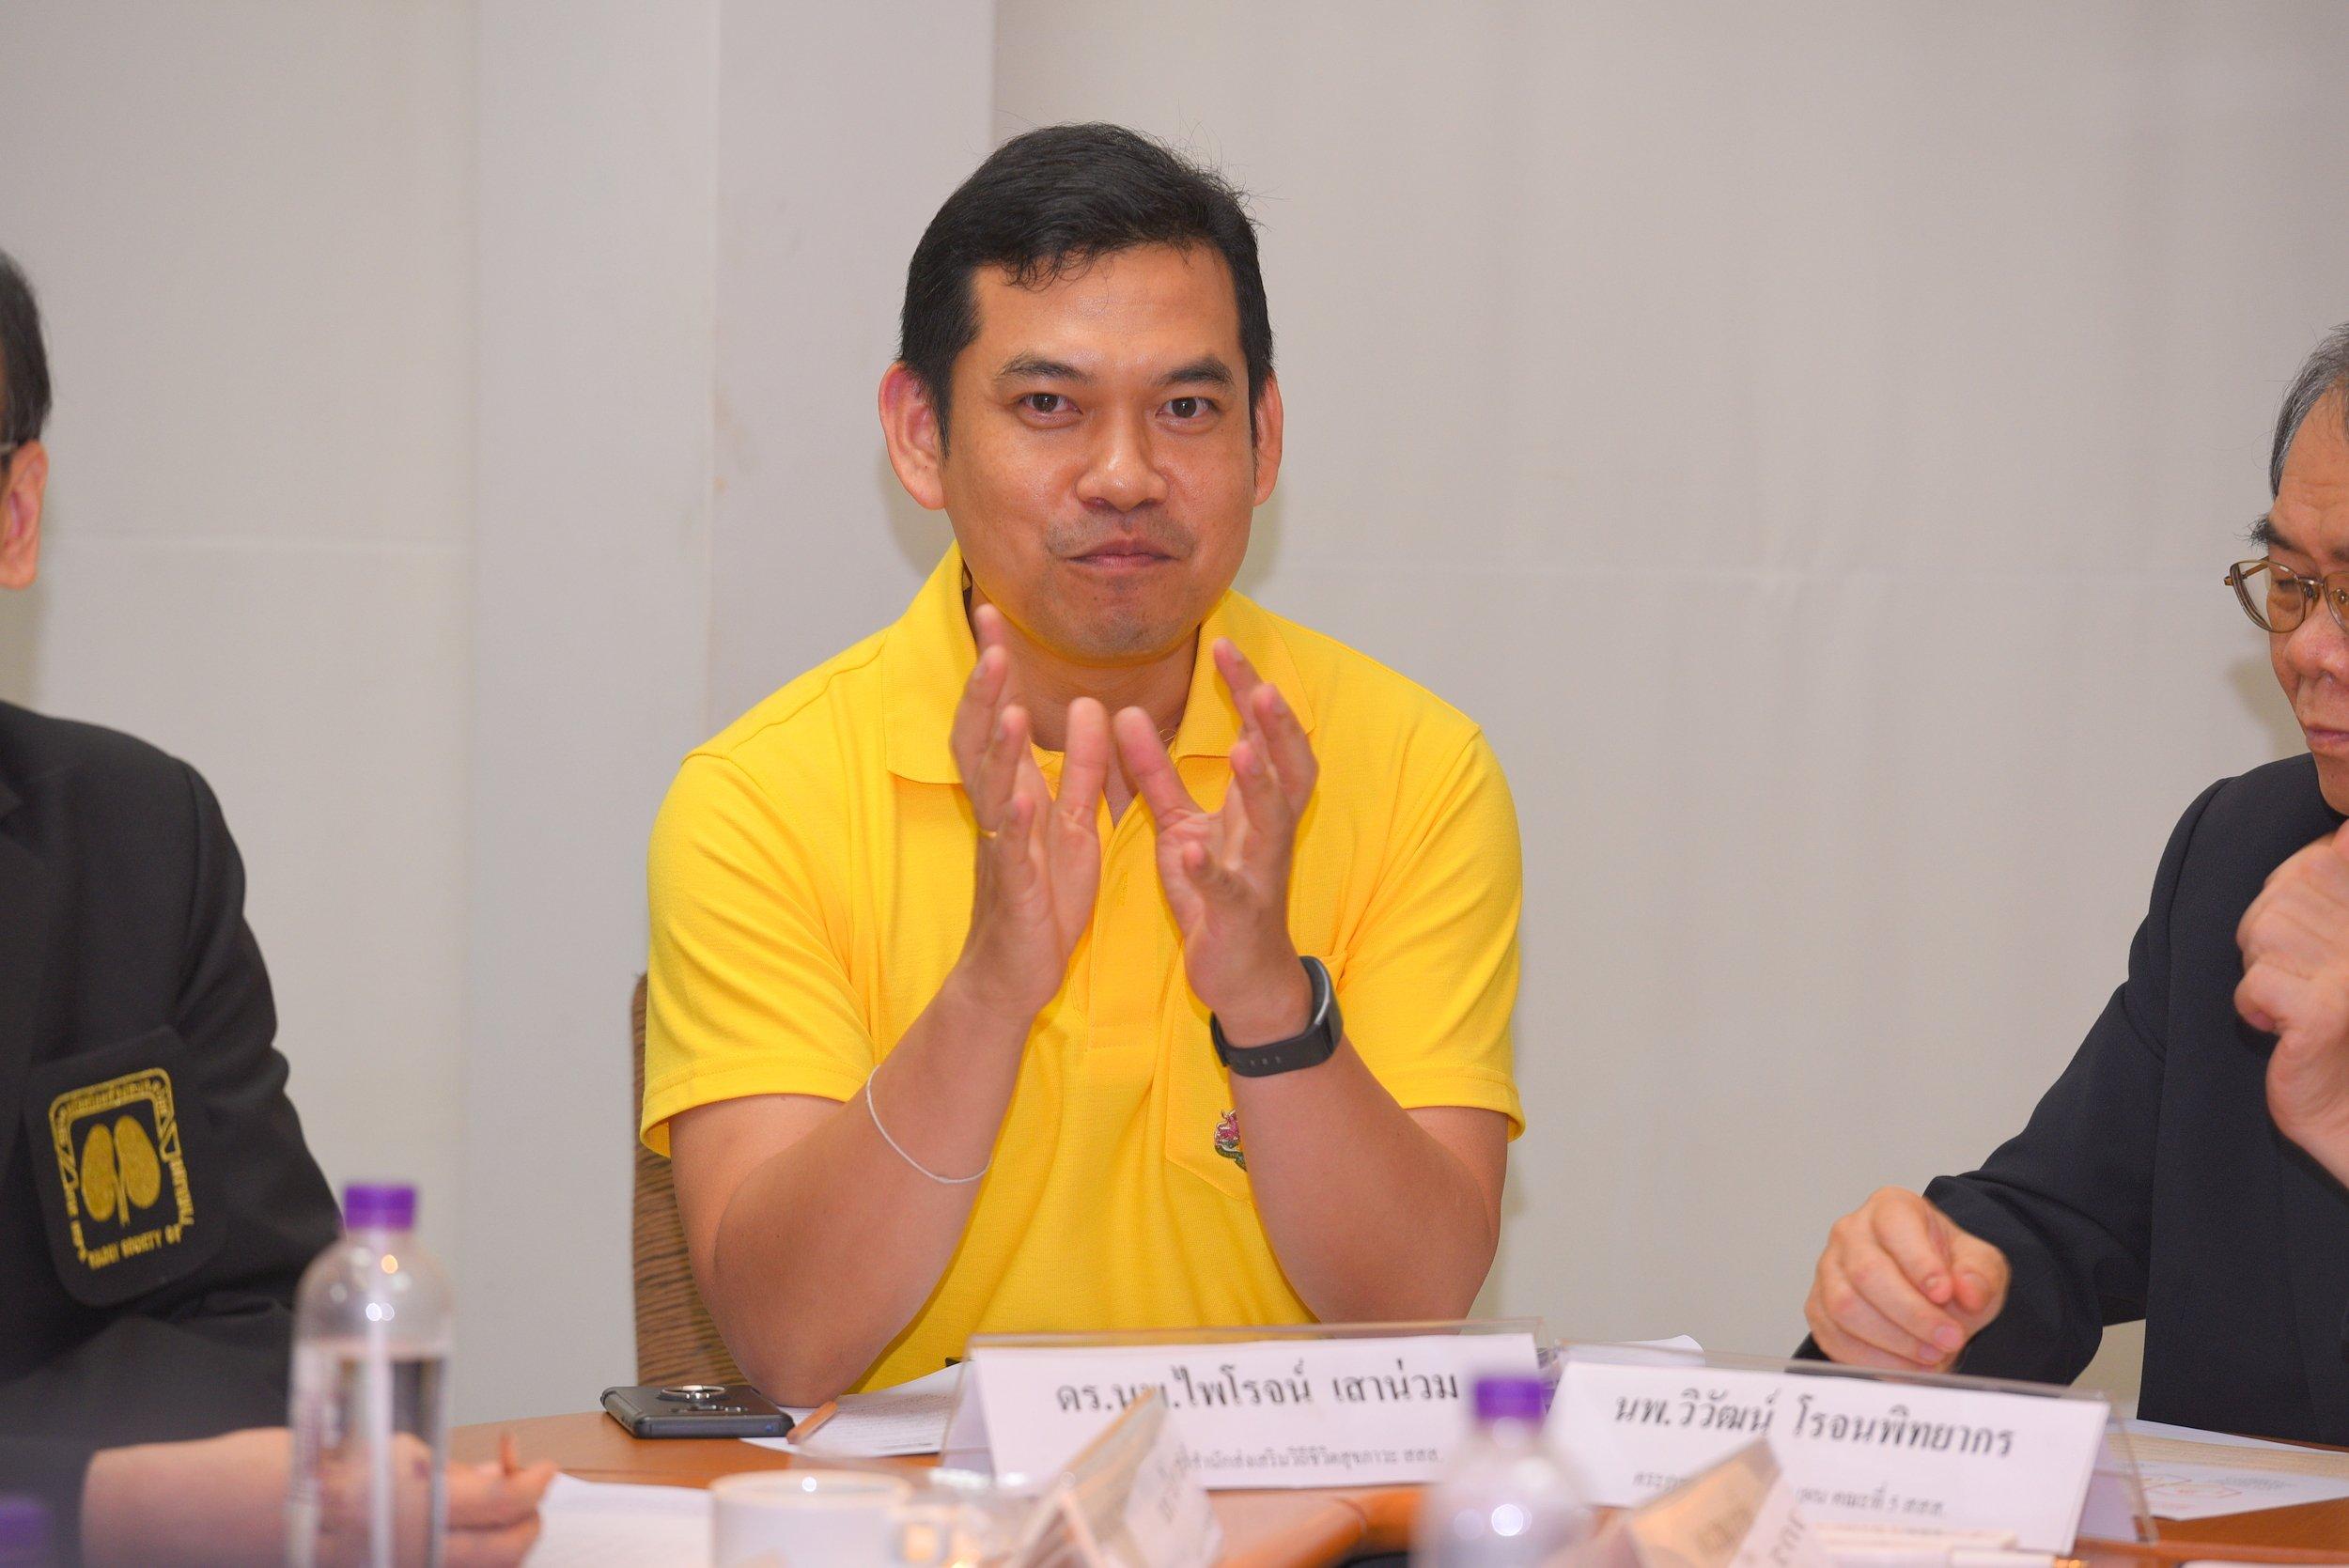 นานาชาติร่วมหารือคนไทยลดพฤติกรรม 'ชีวิตติดเค็ม' thaihealth